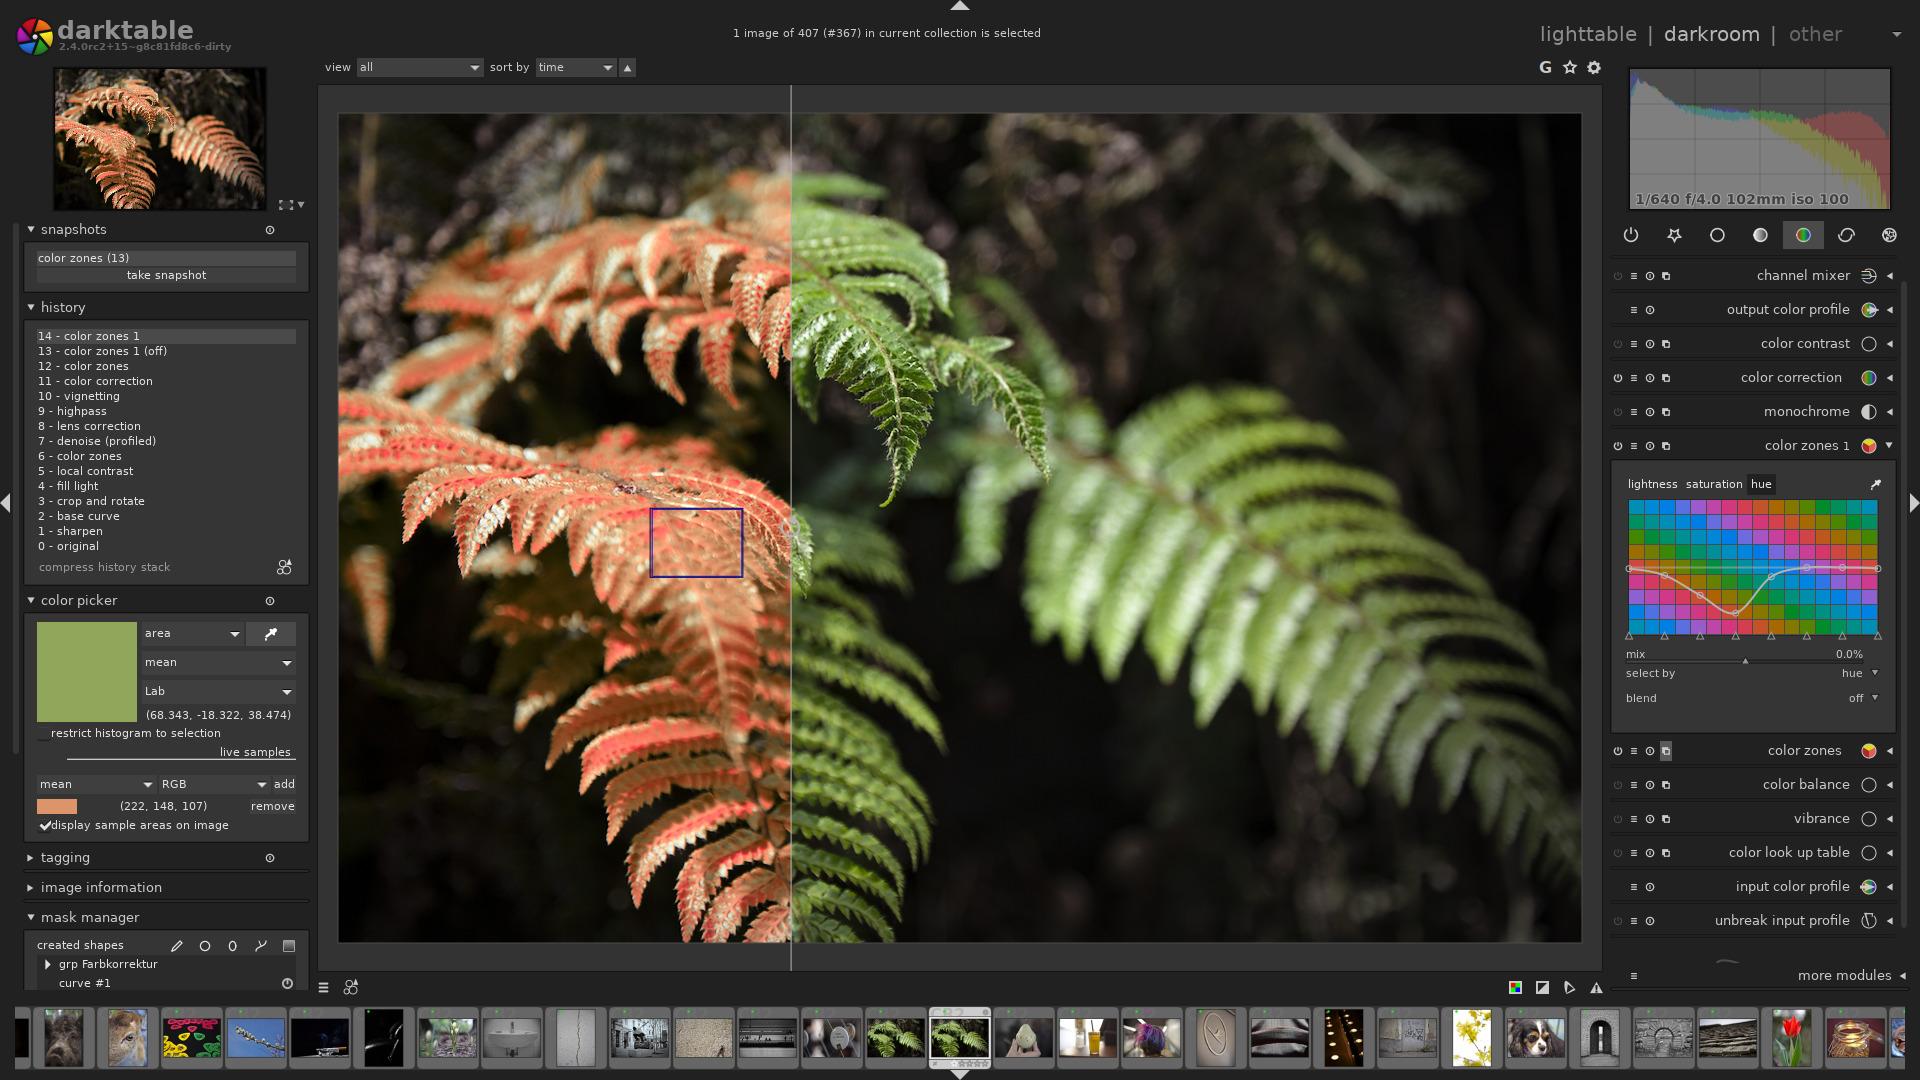 Работа в Darktable - современном инструменте фотографа